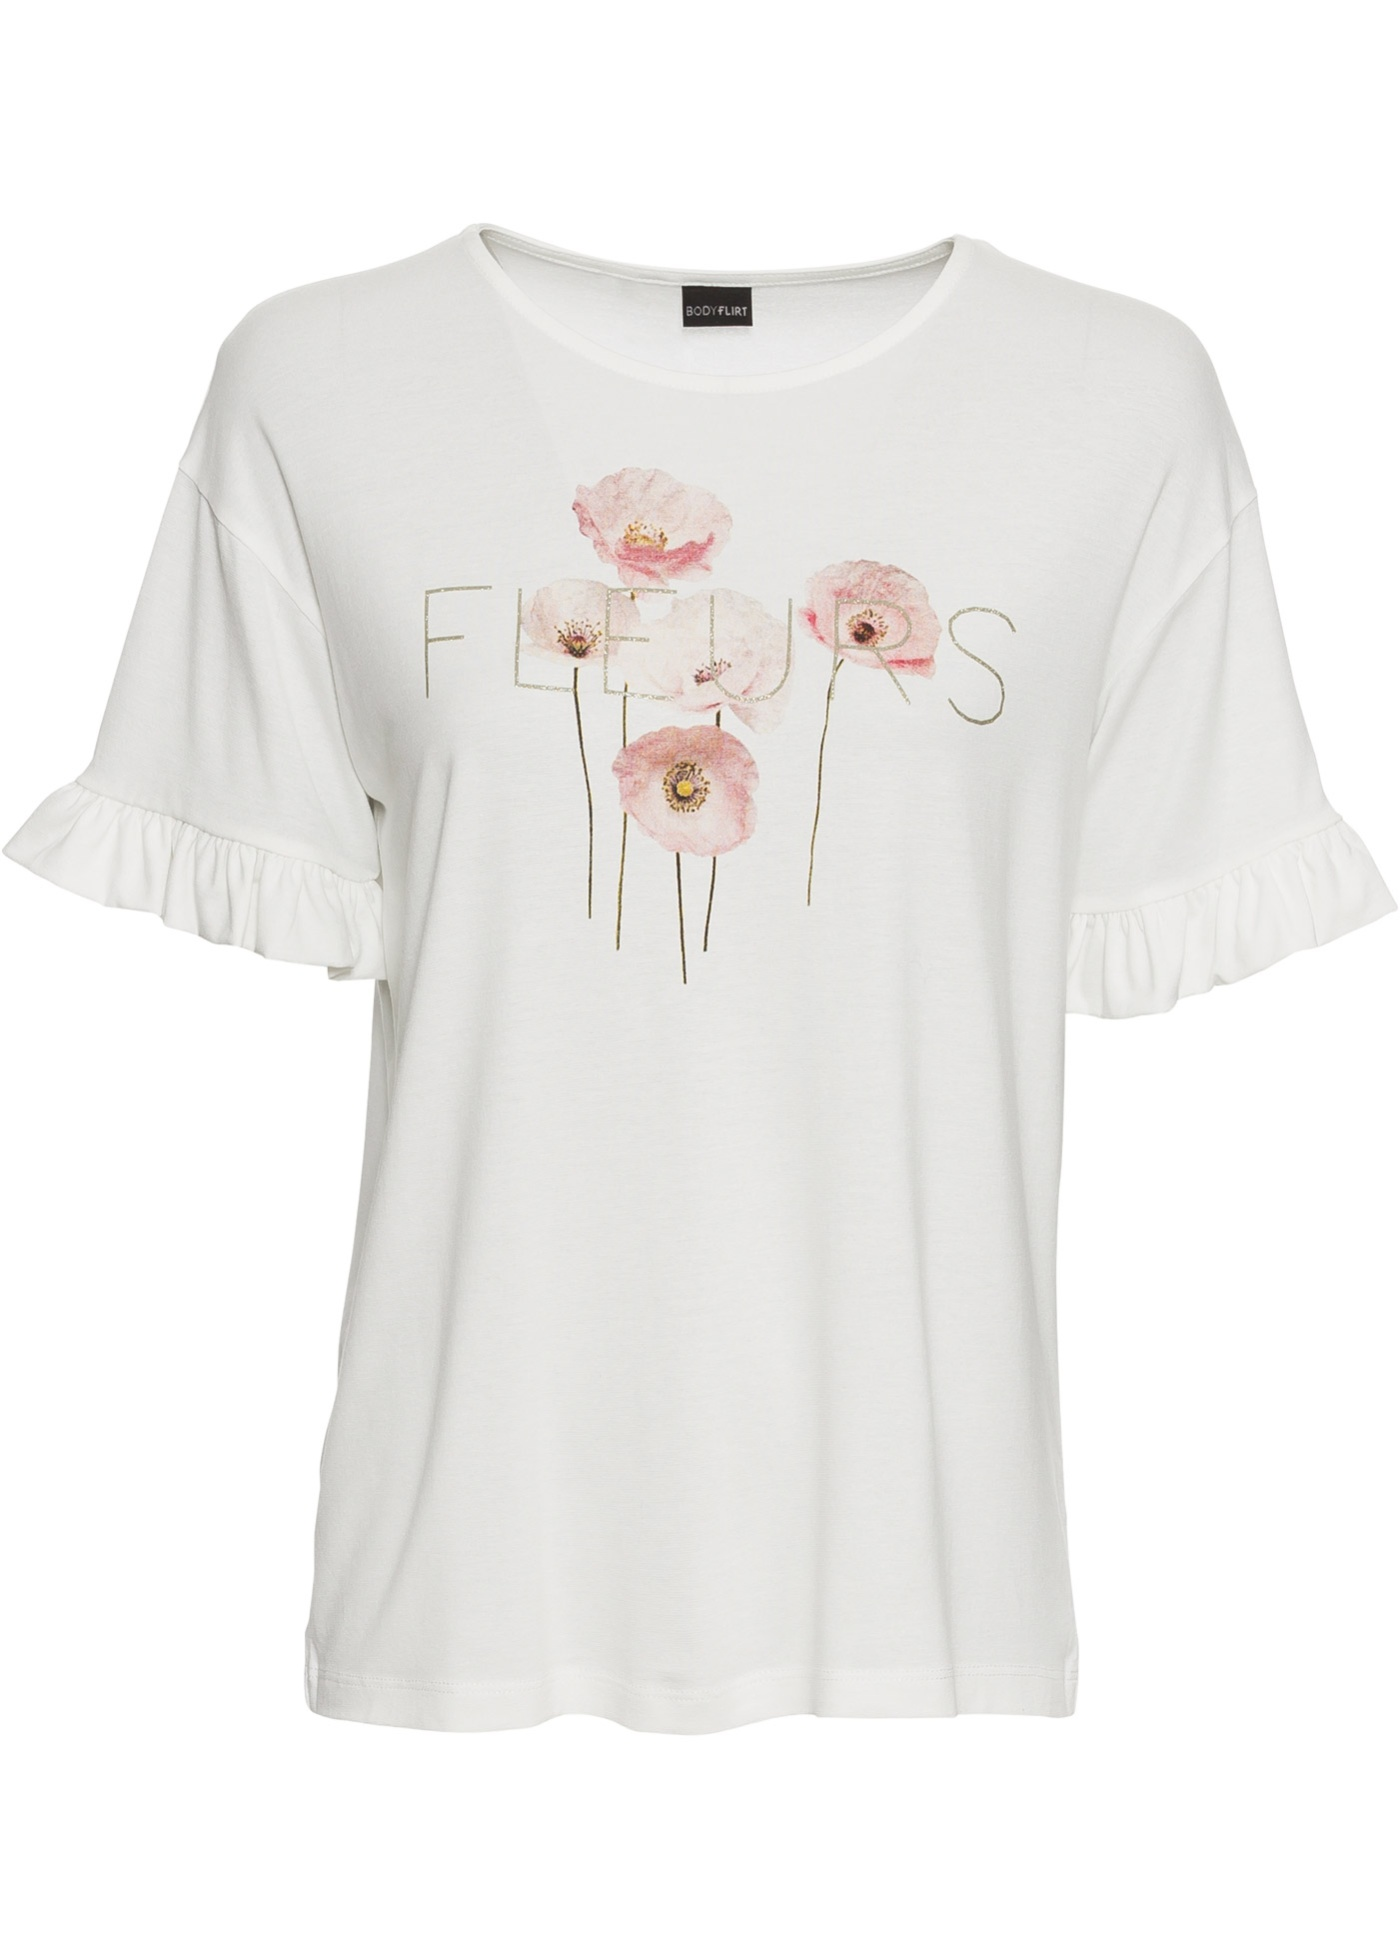 BonprixT Pour Manches Imprimé Courtes Femme Blanc Bodyflirt À shirt c54Aq3RLj